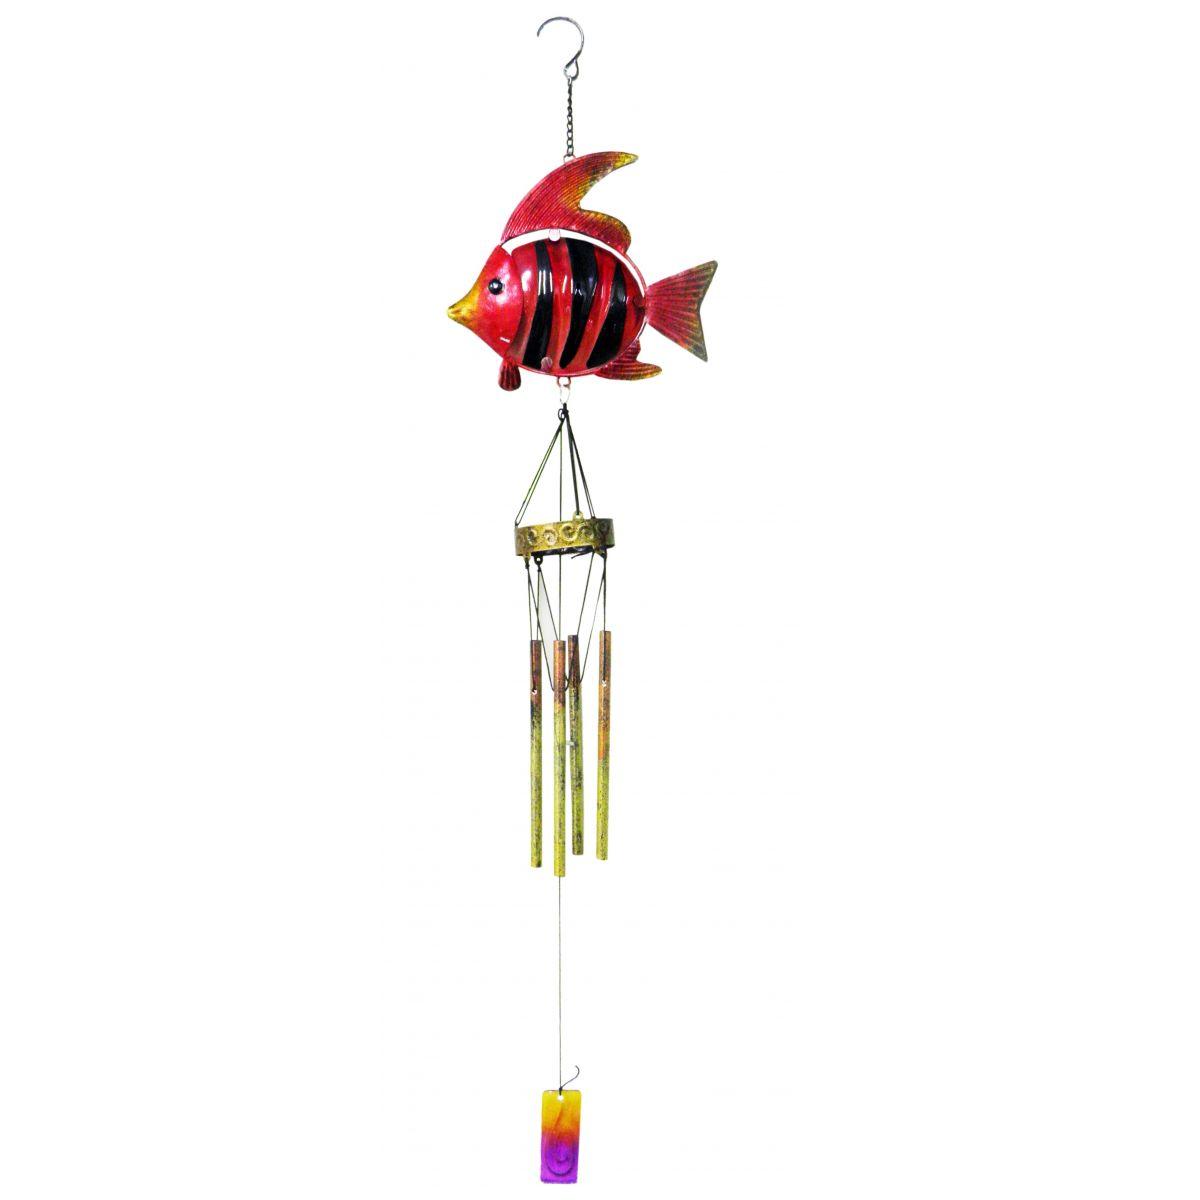 Sino Ventos Tradicional Peixe Colorido Vermelho